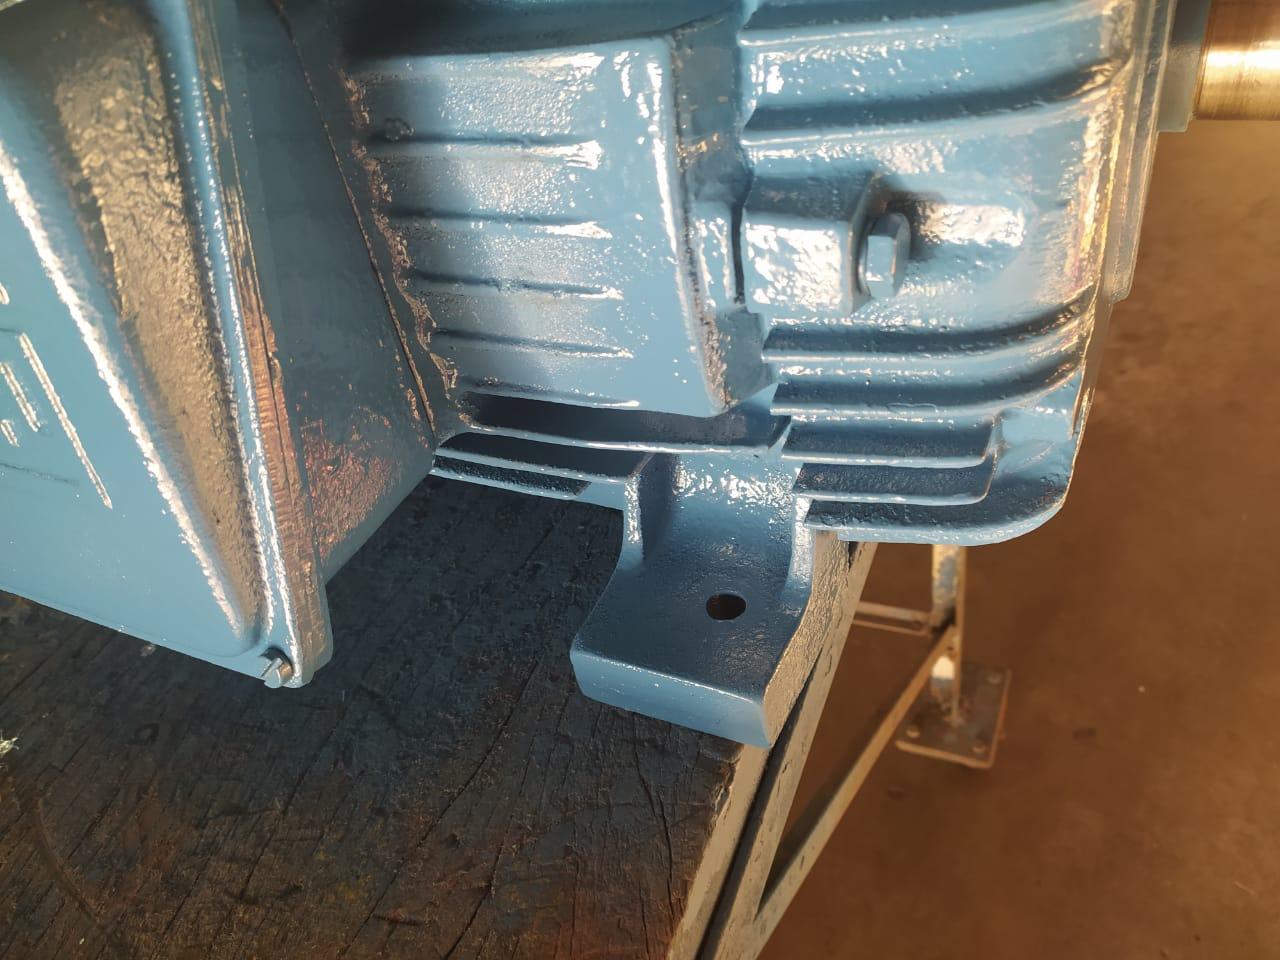 Motor Elétrico Weg 30 Cv 4 Polos 1750 Rpm Usado Tensões  220/380/440/760V Baixa Rotação